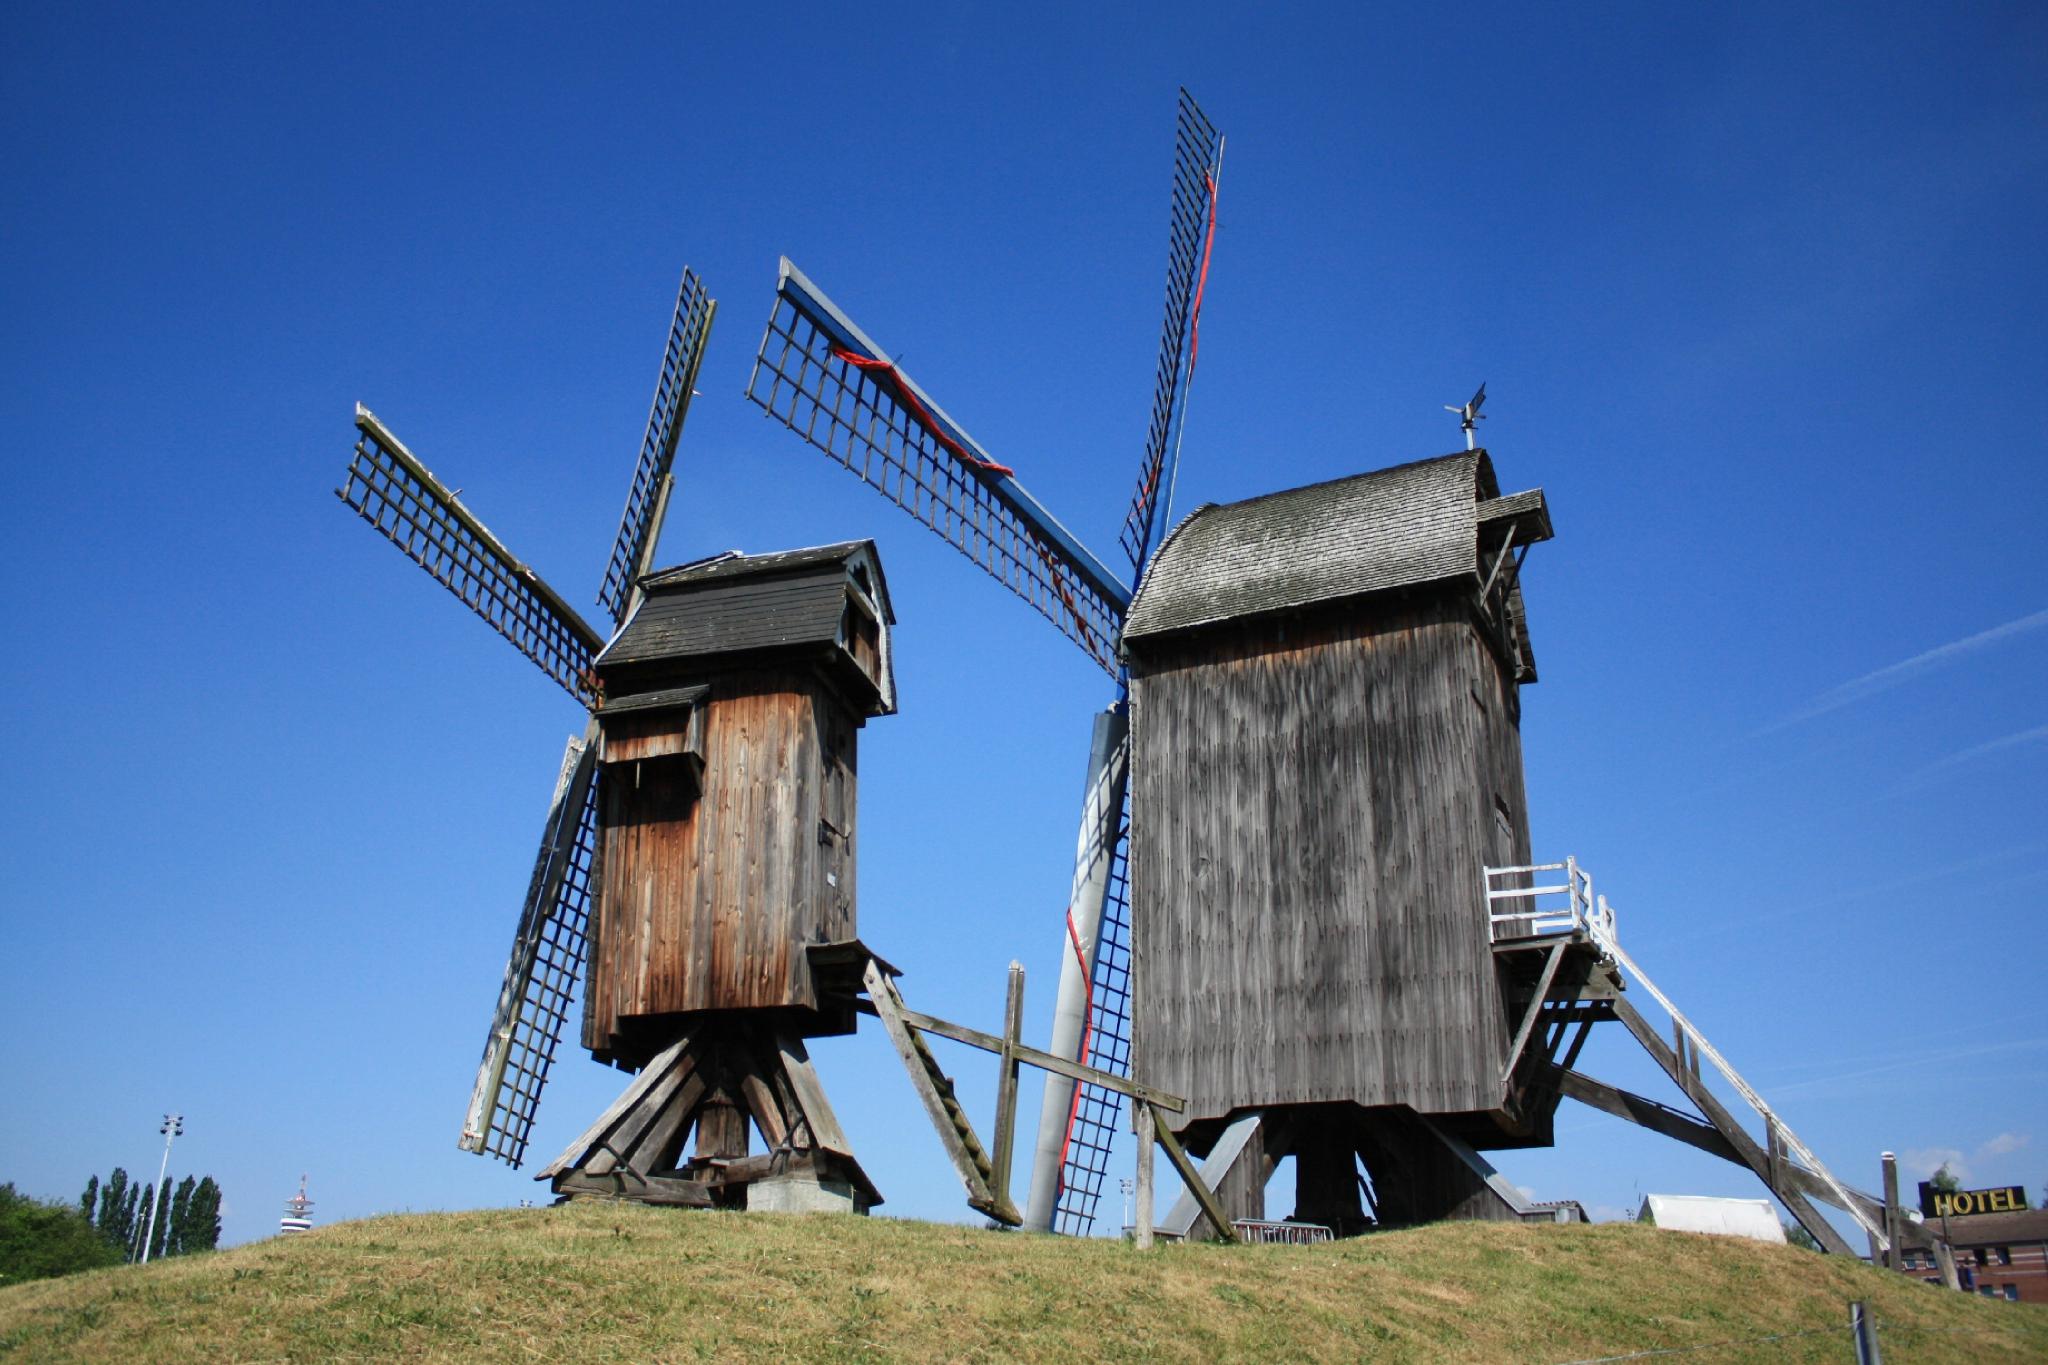 Les moulins de villeneuve d 39 ascq l photos du nord pas de calais for Comhoraire la poste villeneuve d ascq